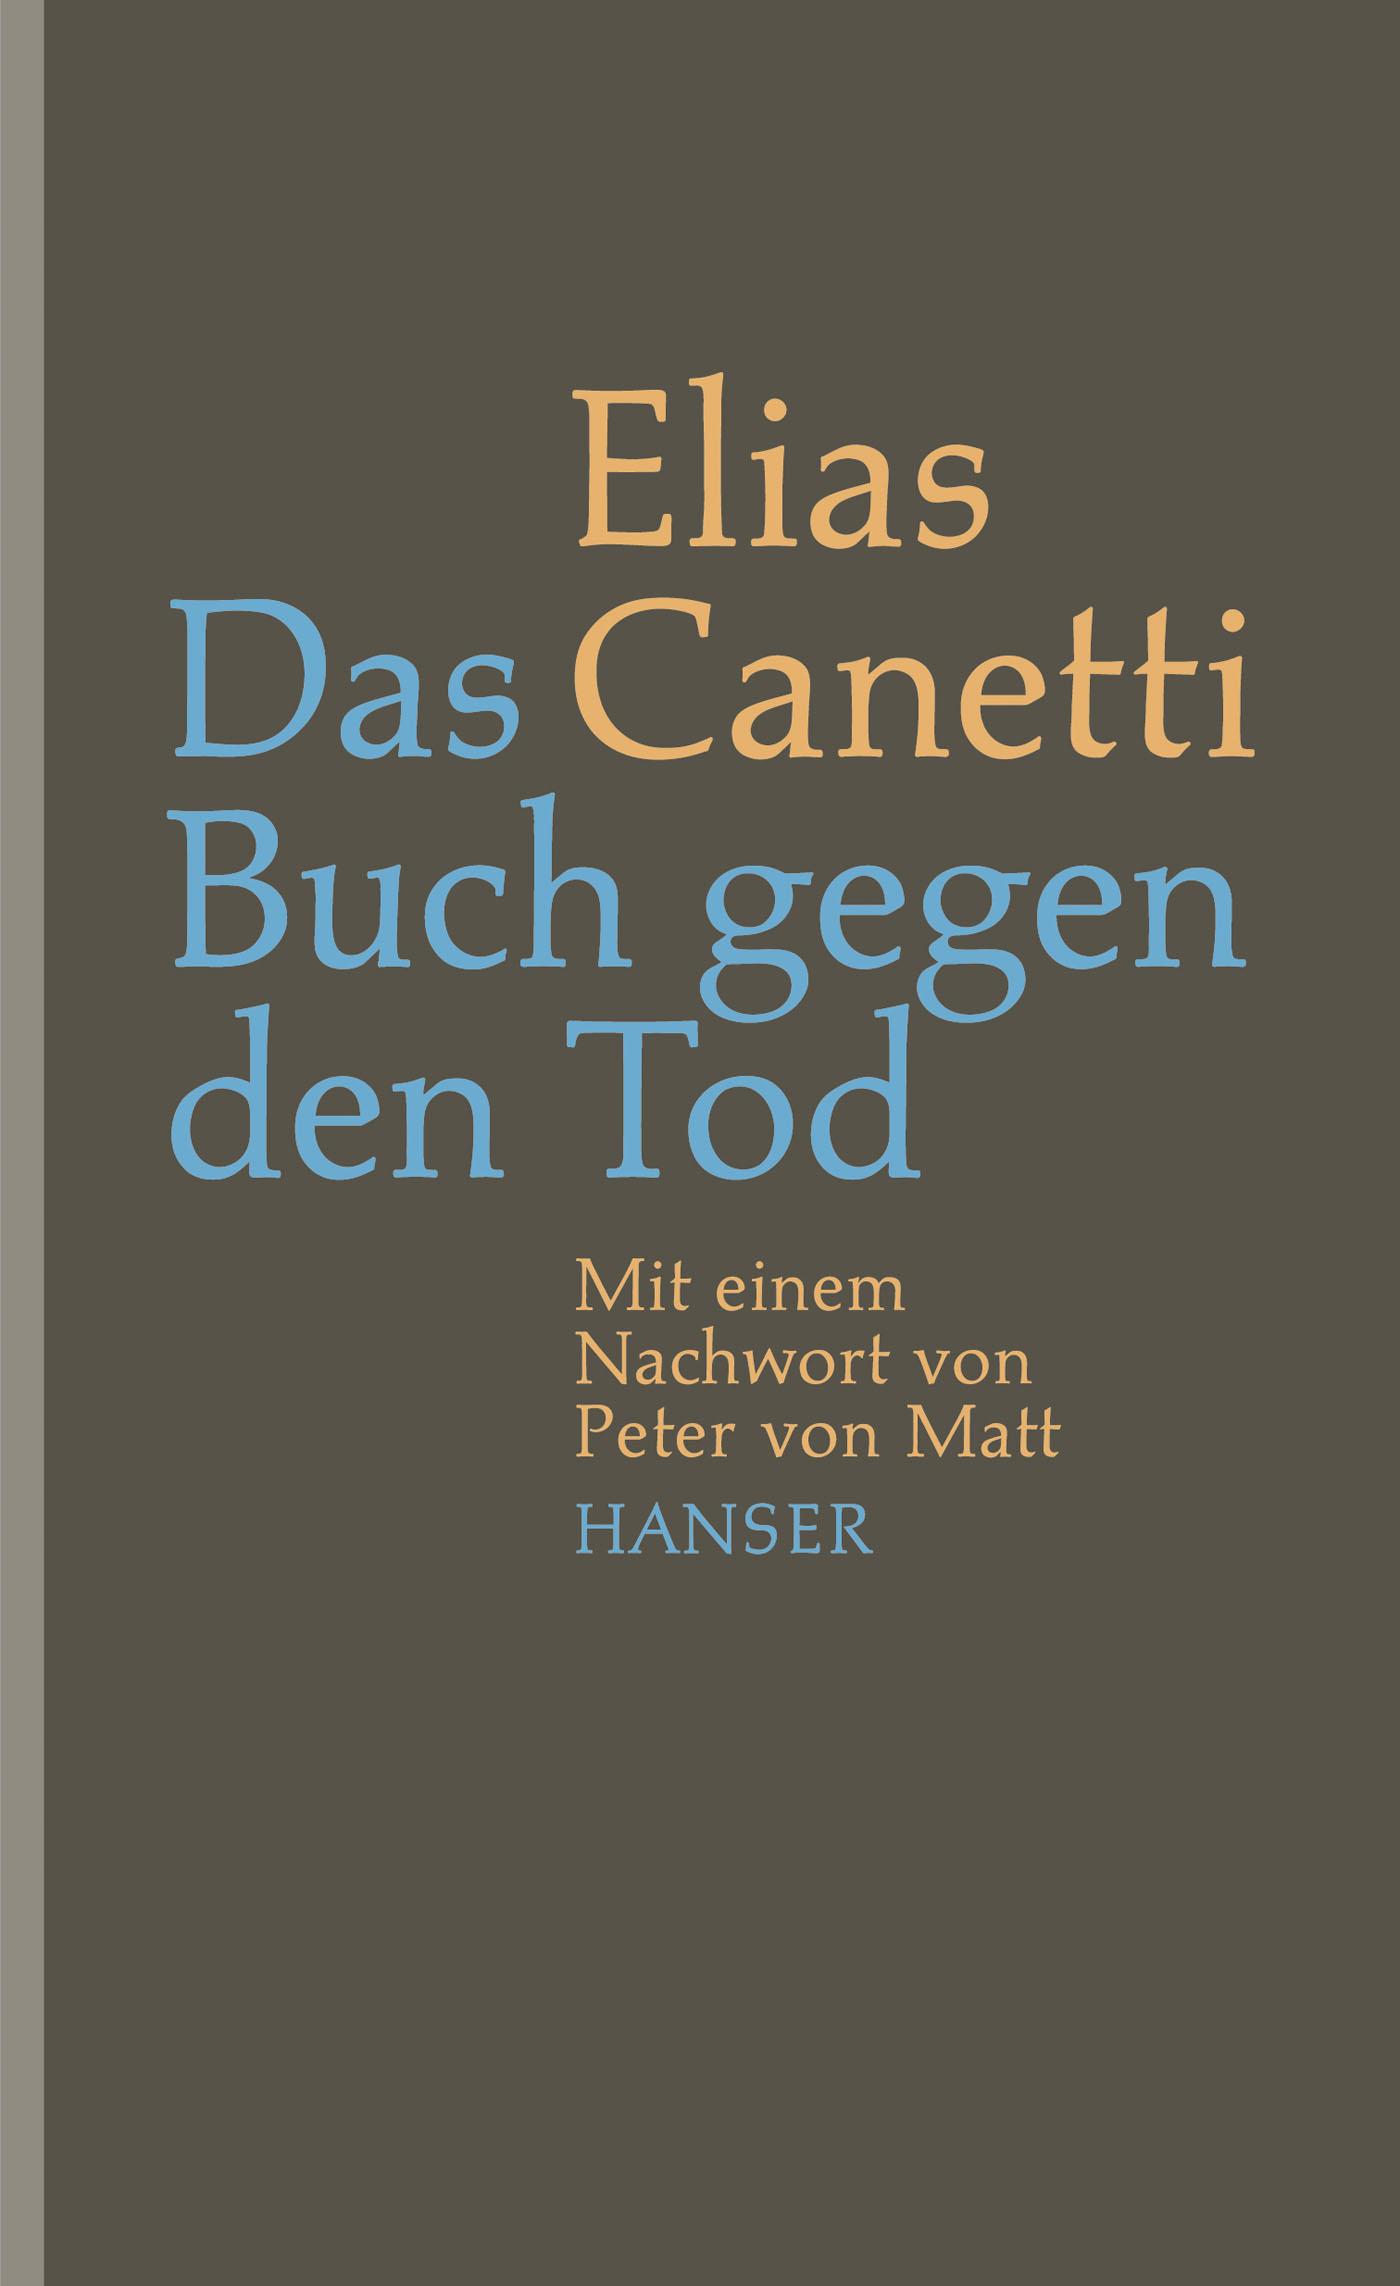 Das Buch gegen den Tod - Elias Canetti